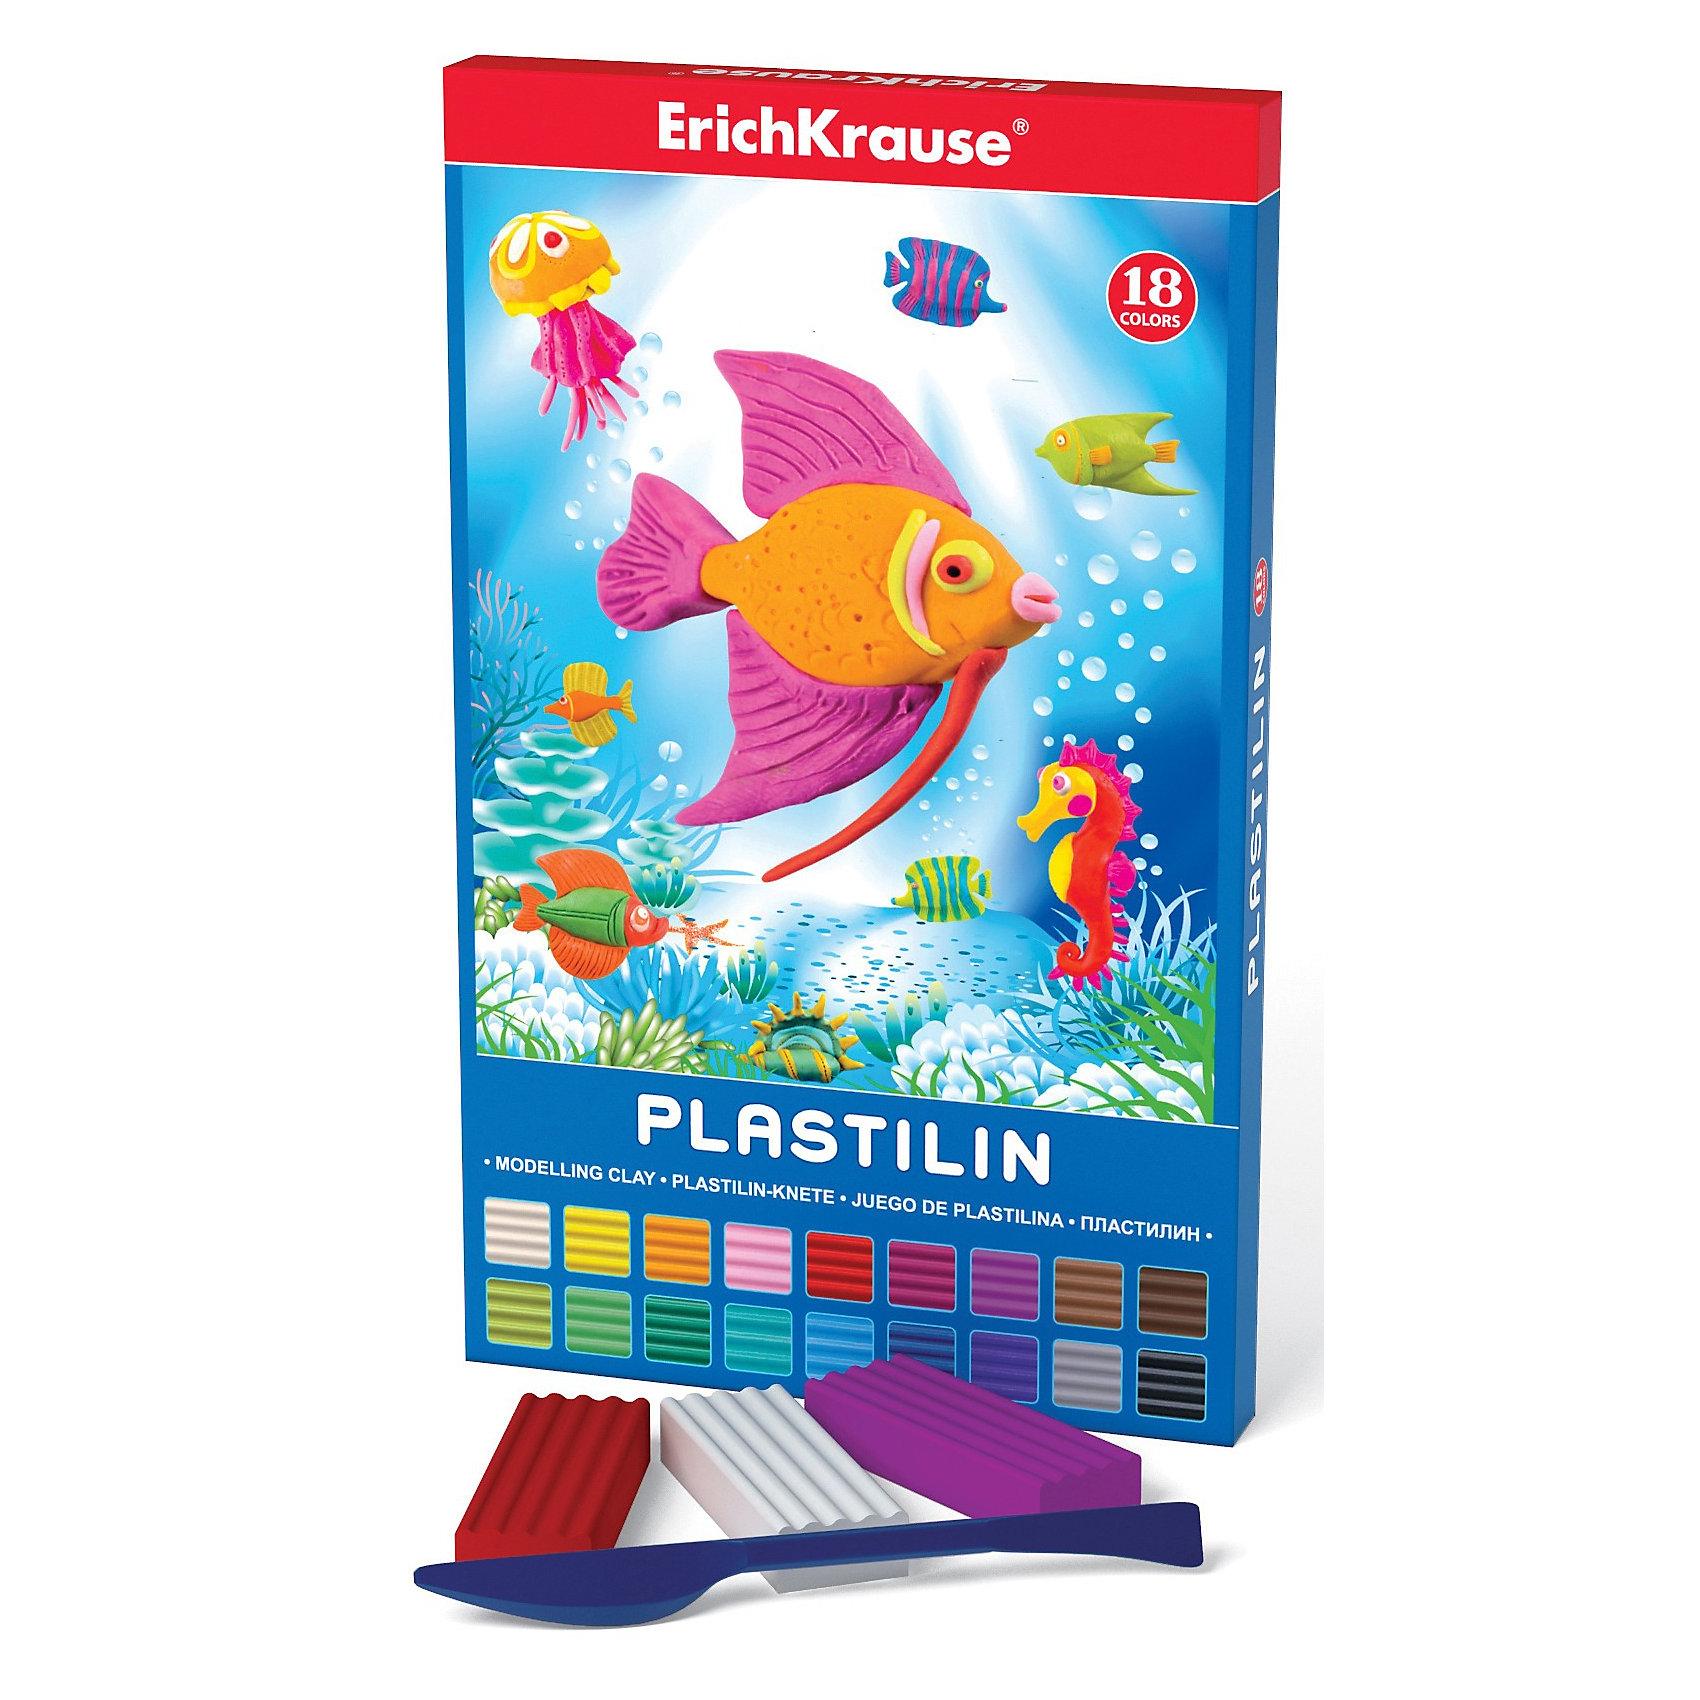 Пластилин со стеком, 18 цвРисование и лепка<br>Пластилин со стеком, 18 цв Erich Krause (Эрих Краузе) это школьный пластилин, который производится на основе безопасных для Вашего малыша компонентов!Сохраняет свою форму, не застывает на воздухе. Бруски пластилина уложены в пластиковый прозрачный поддон, обеспечивающий сохранность внешнего вида и потребительских свойств.<br><br>Ширина мм: 150<br>Глубина мм: 15<br>Высота мм: 200<br>Вес г: 383<br>Возраст от месяцев: 36<br>Возраст до месяцев: 144<br>Пол: Унисекс<br>Возраст: Детский<br>SKU: 3293882